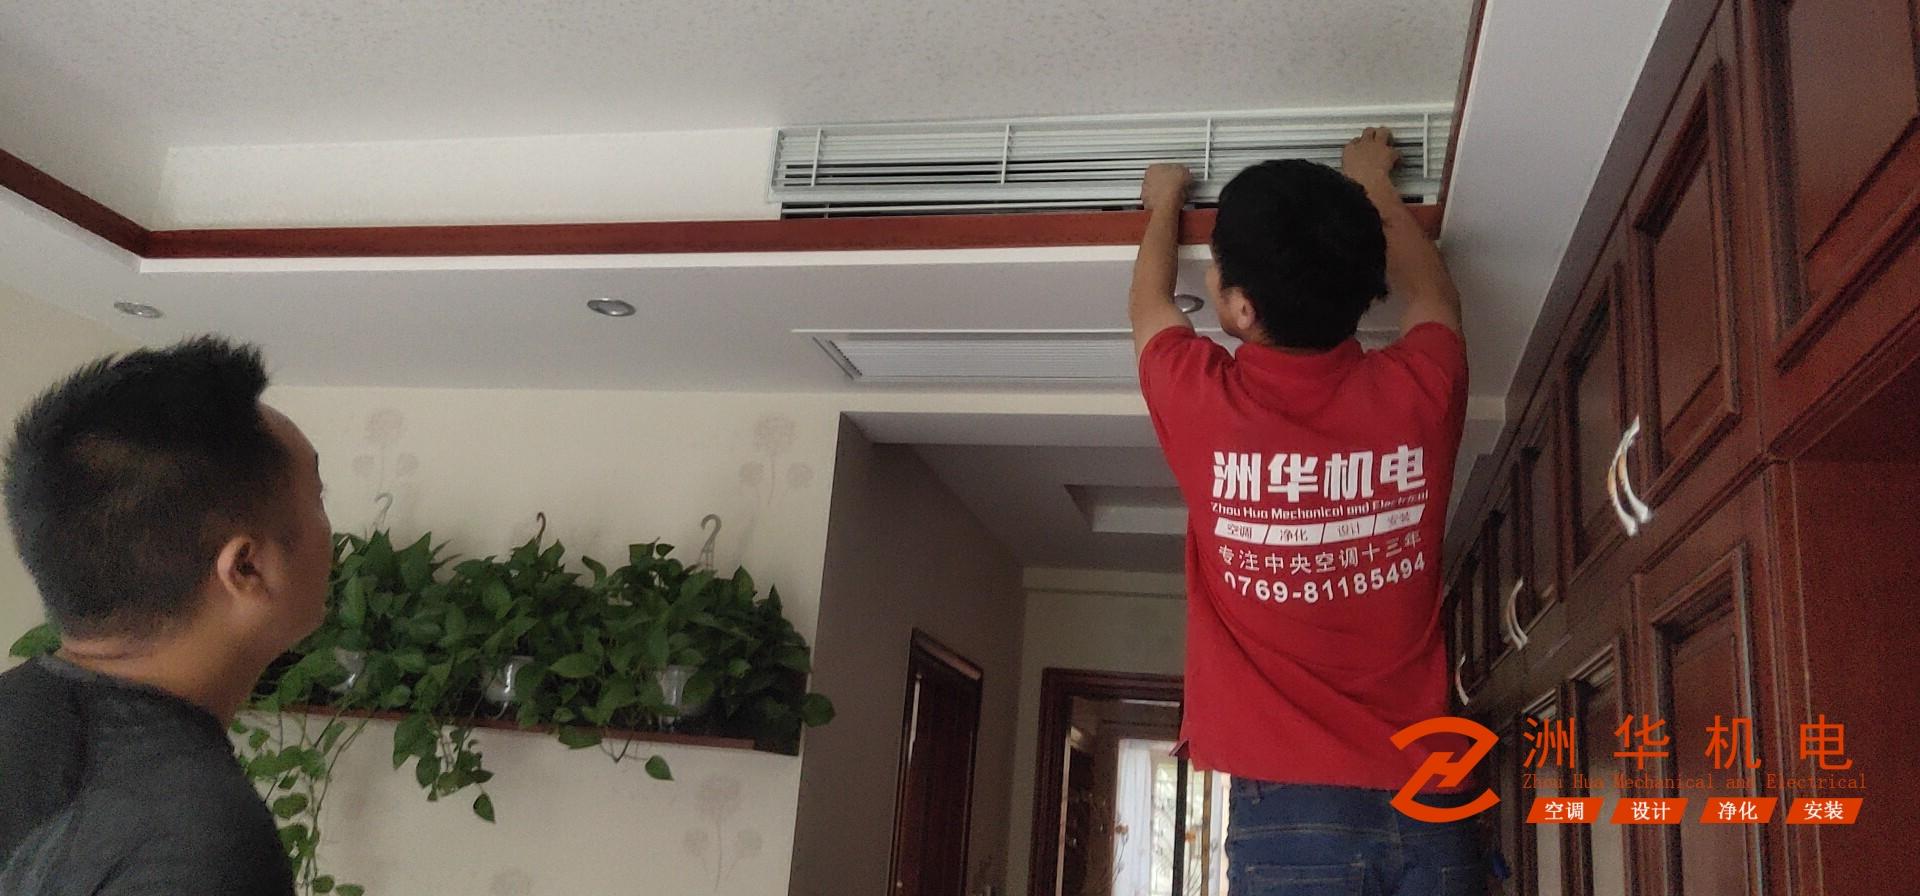 中央空调检修工程案例-樟木头中央空调检修